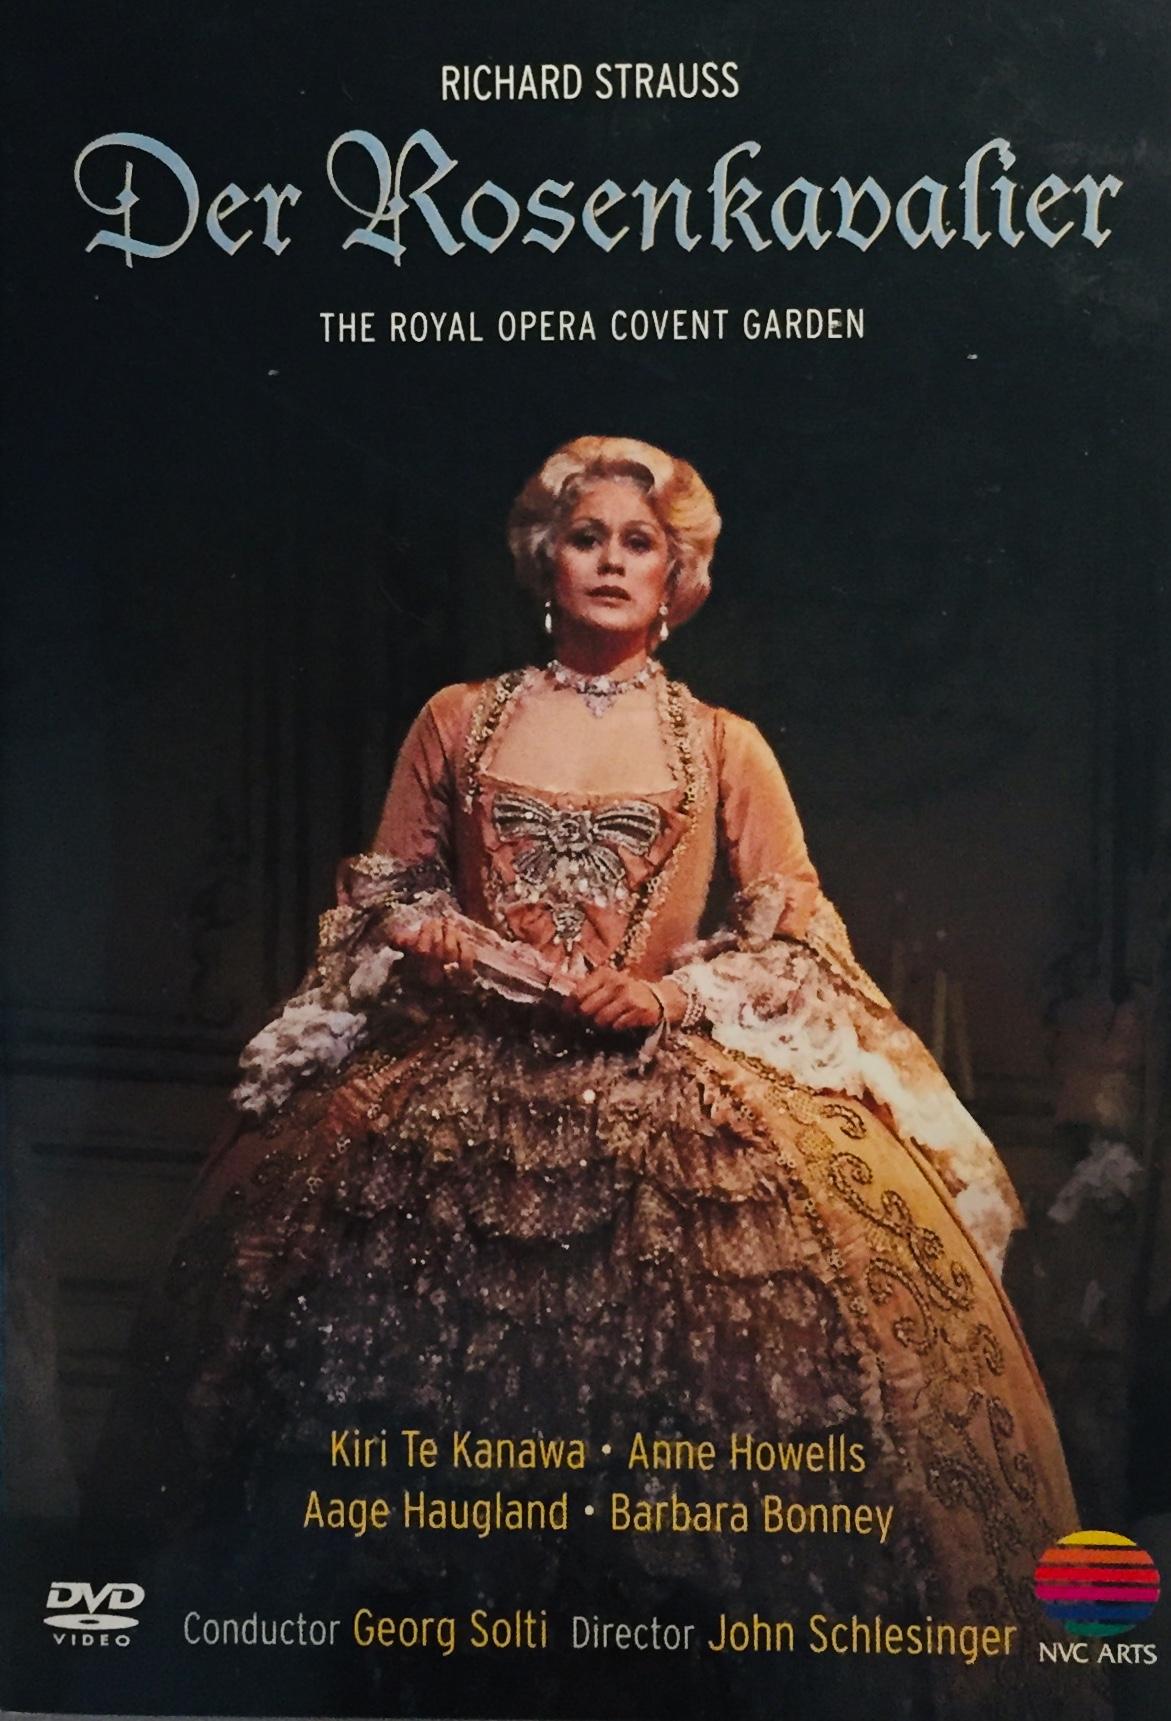 Richard Strauss - Der Rosenkavalier - DVD /plast/